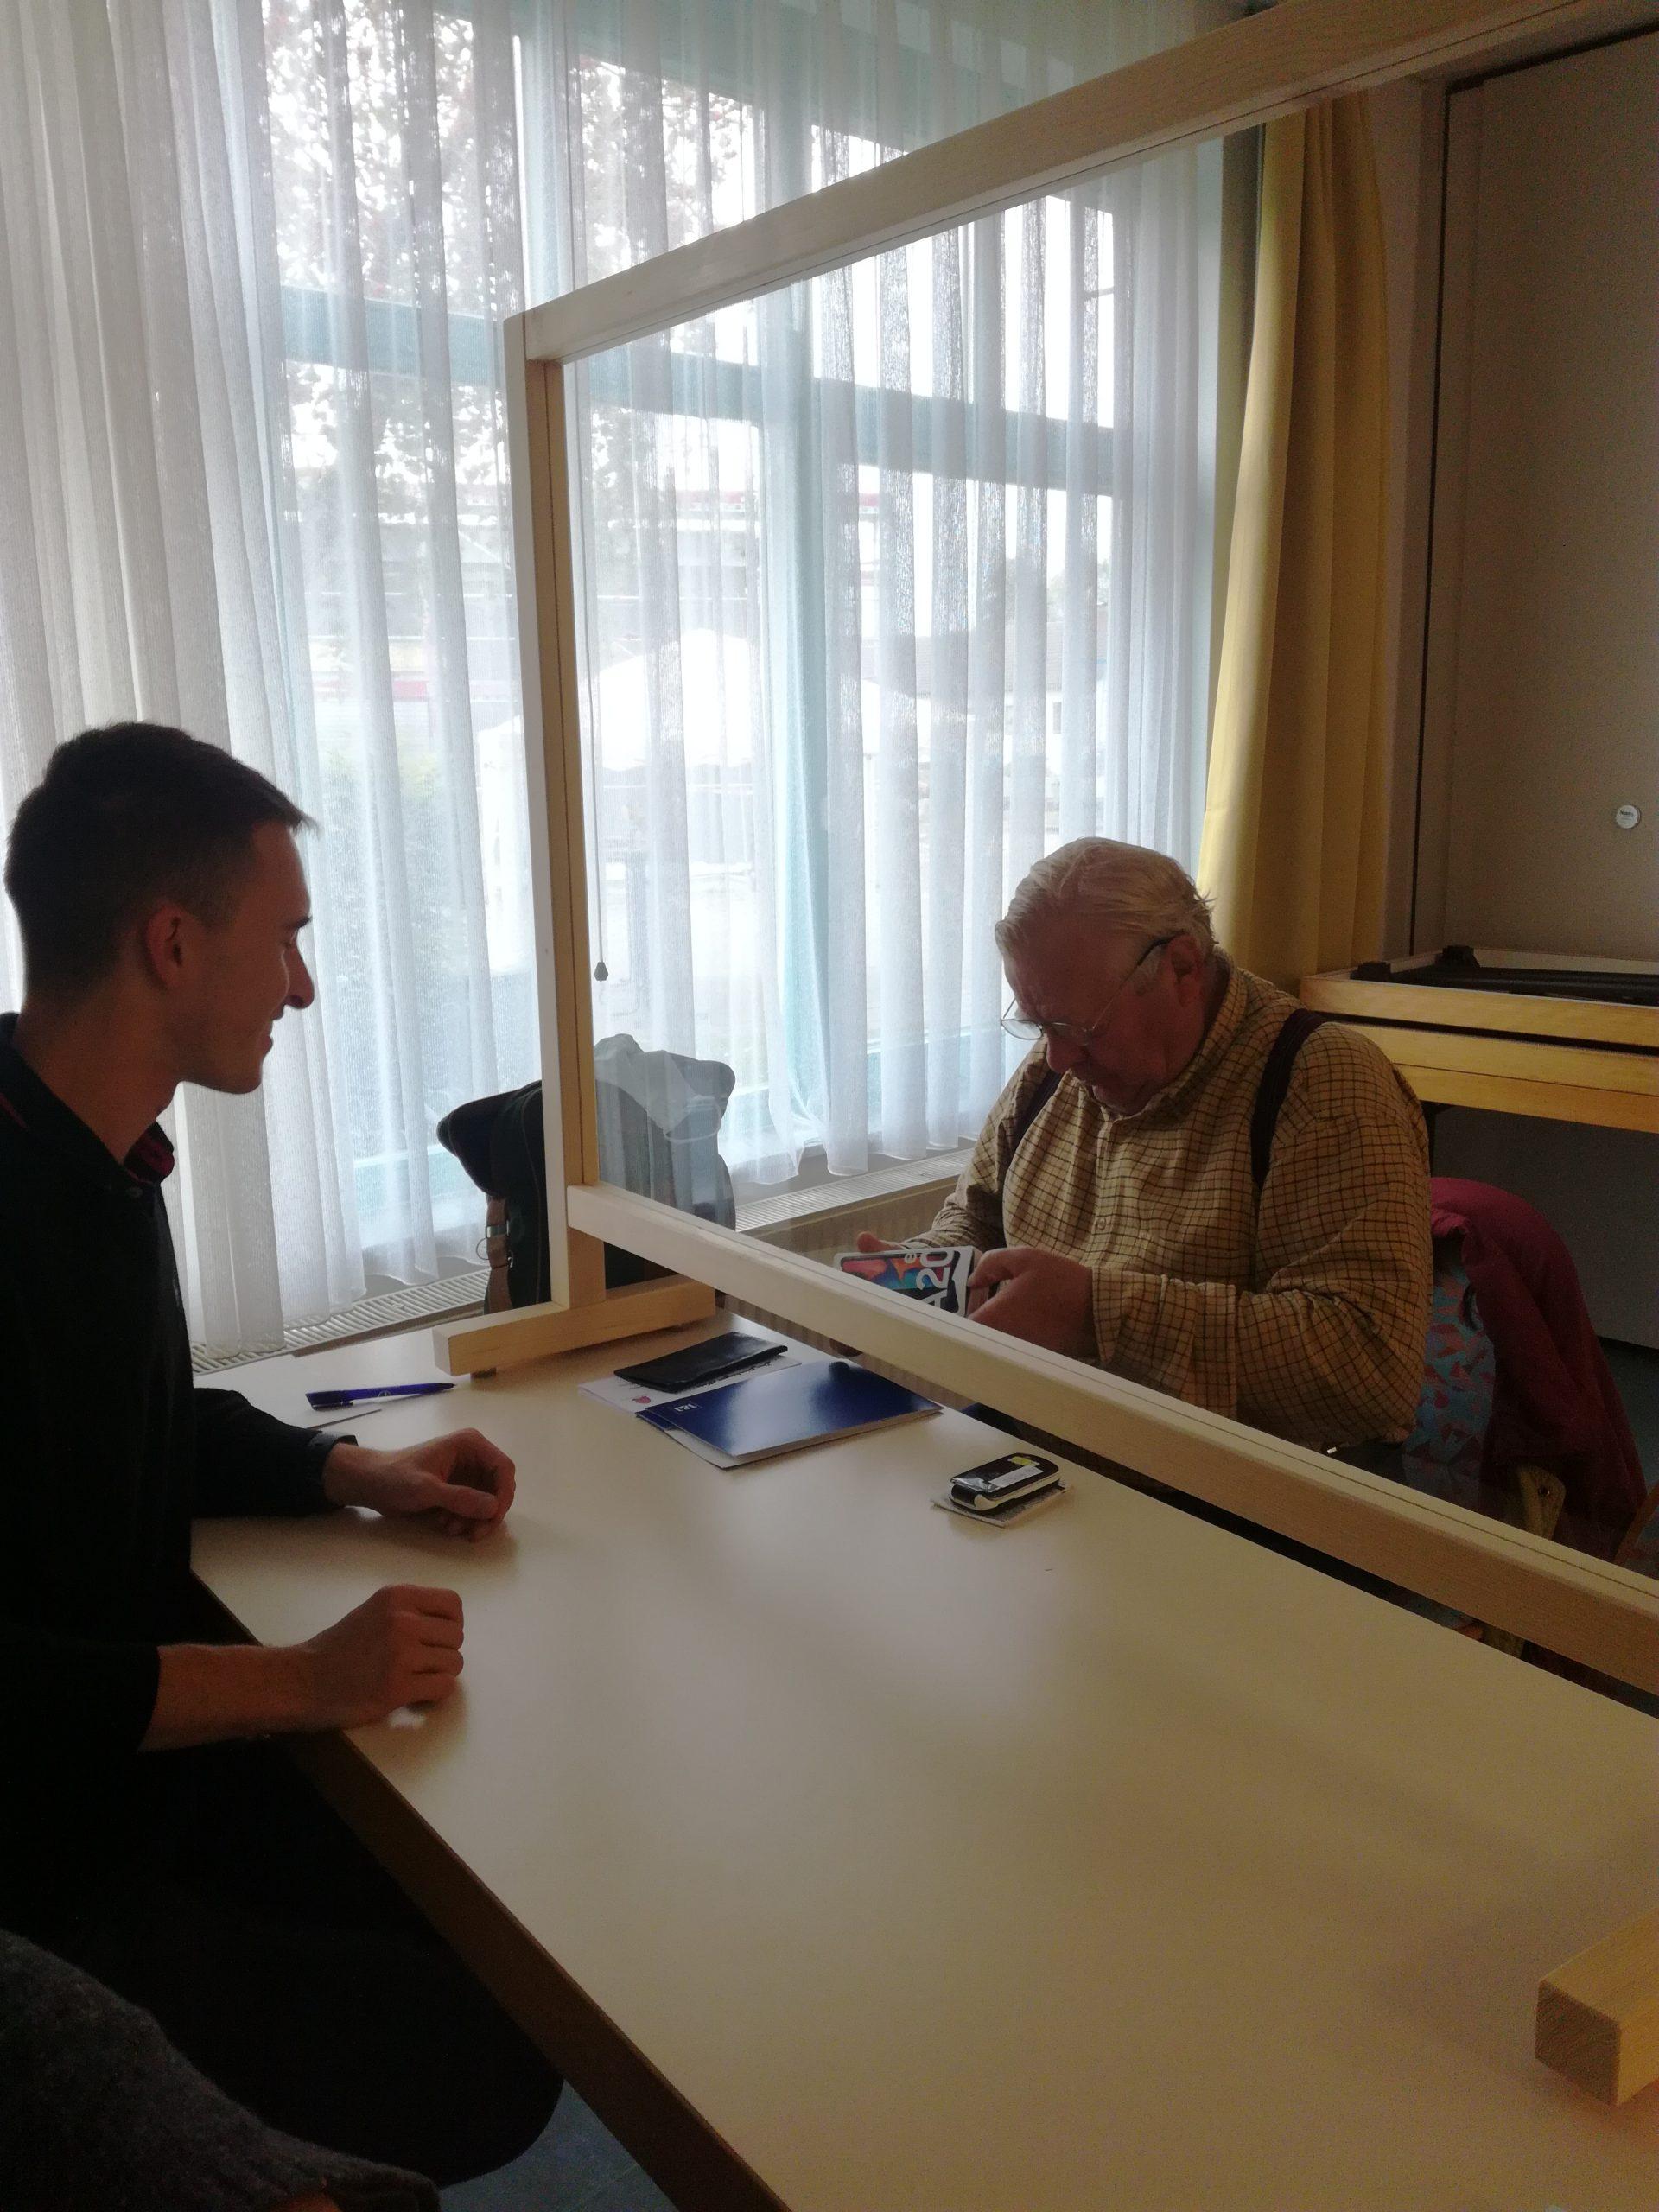 Auf dem Bild sind zwei Männder zu sehen. Der jüngere Mann sitzt links im Bild an einem Tisch. In der Mitte des Tisches befindet sich eine transparente Trennwand. Gegenüber von dem jüngeren Mann sitzt ein älterer Mann. Er blättert in einem Heft.